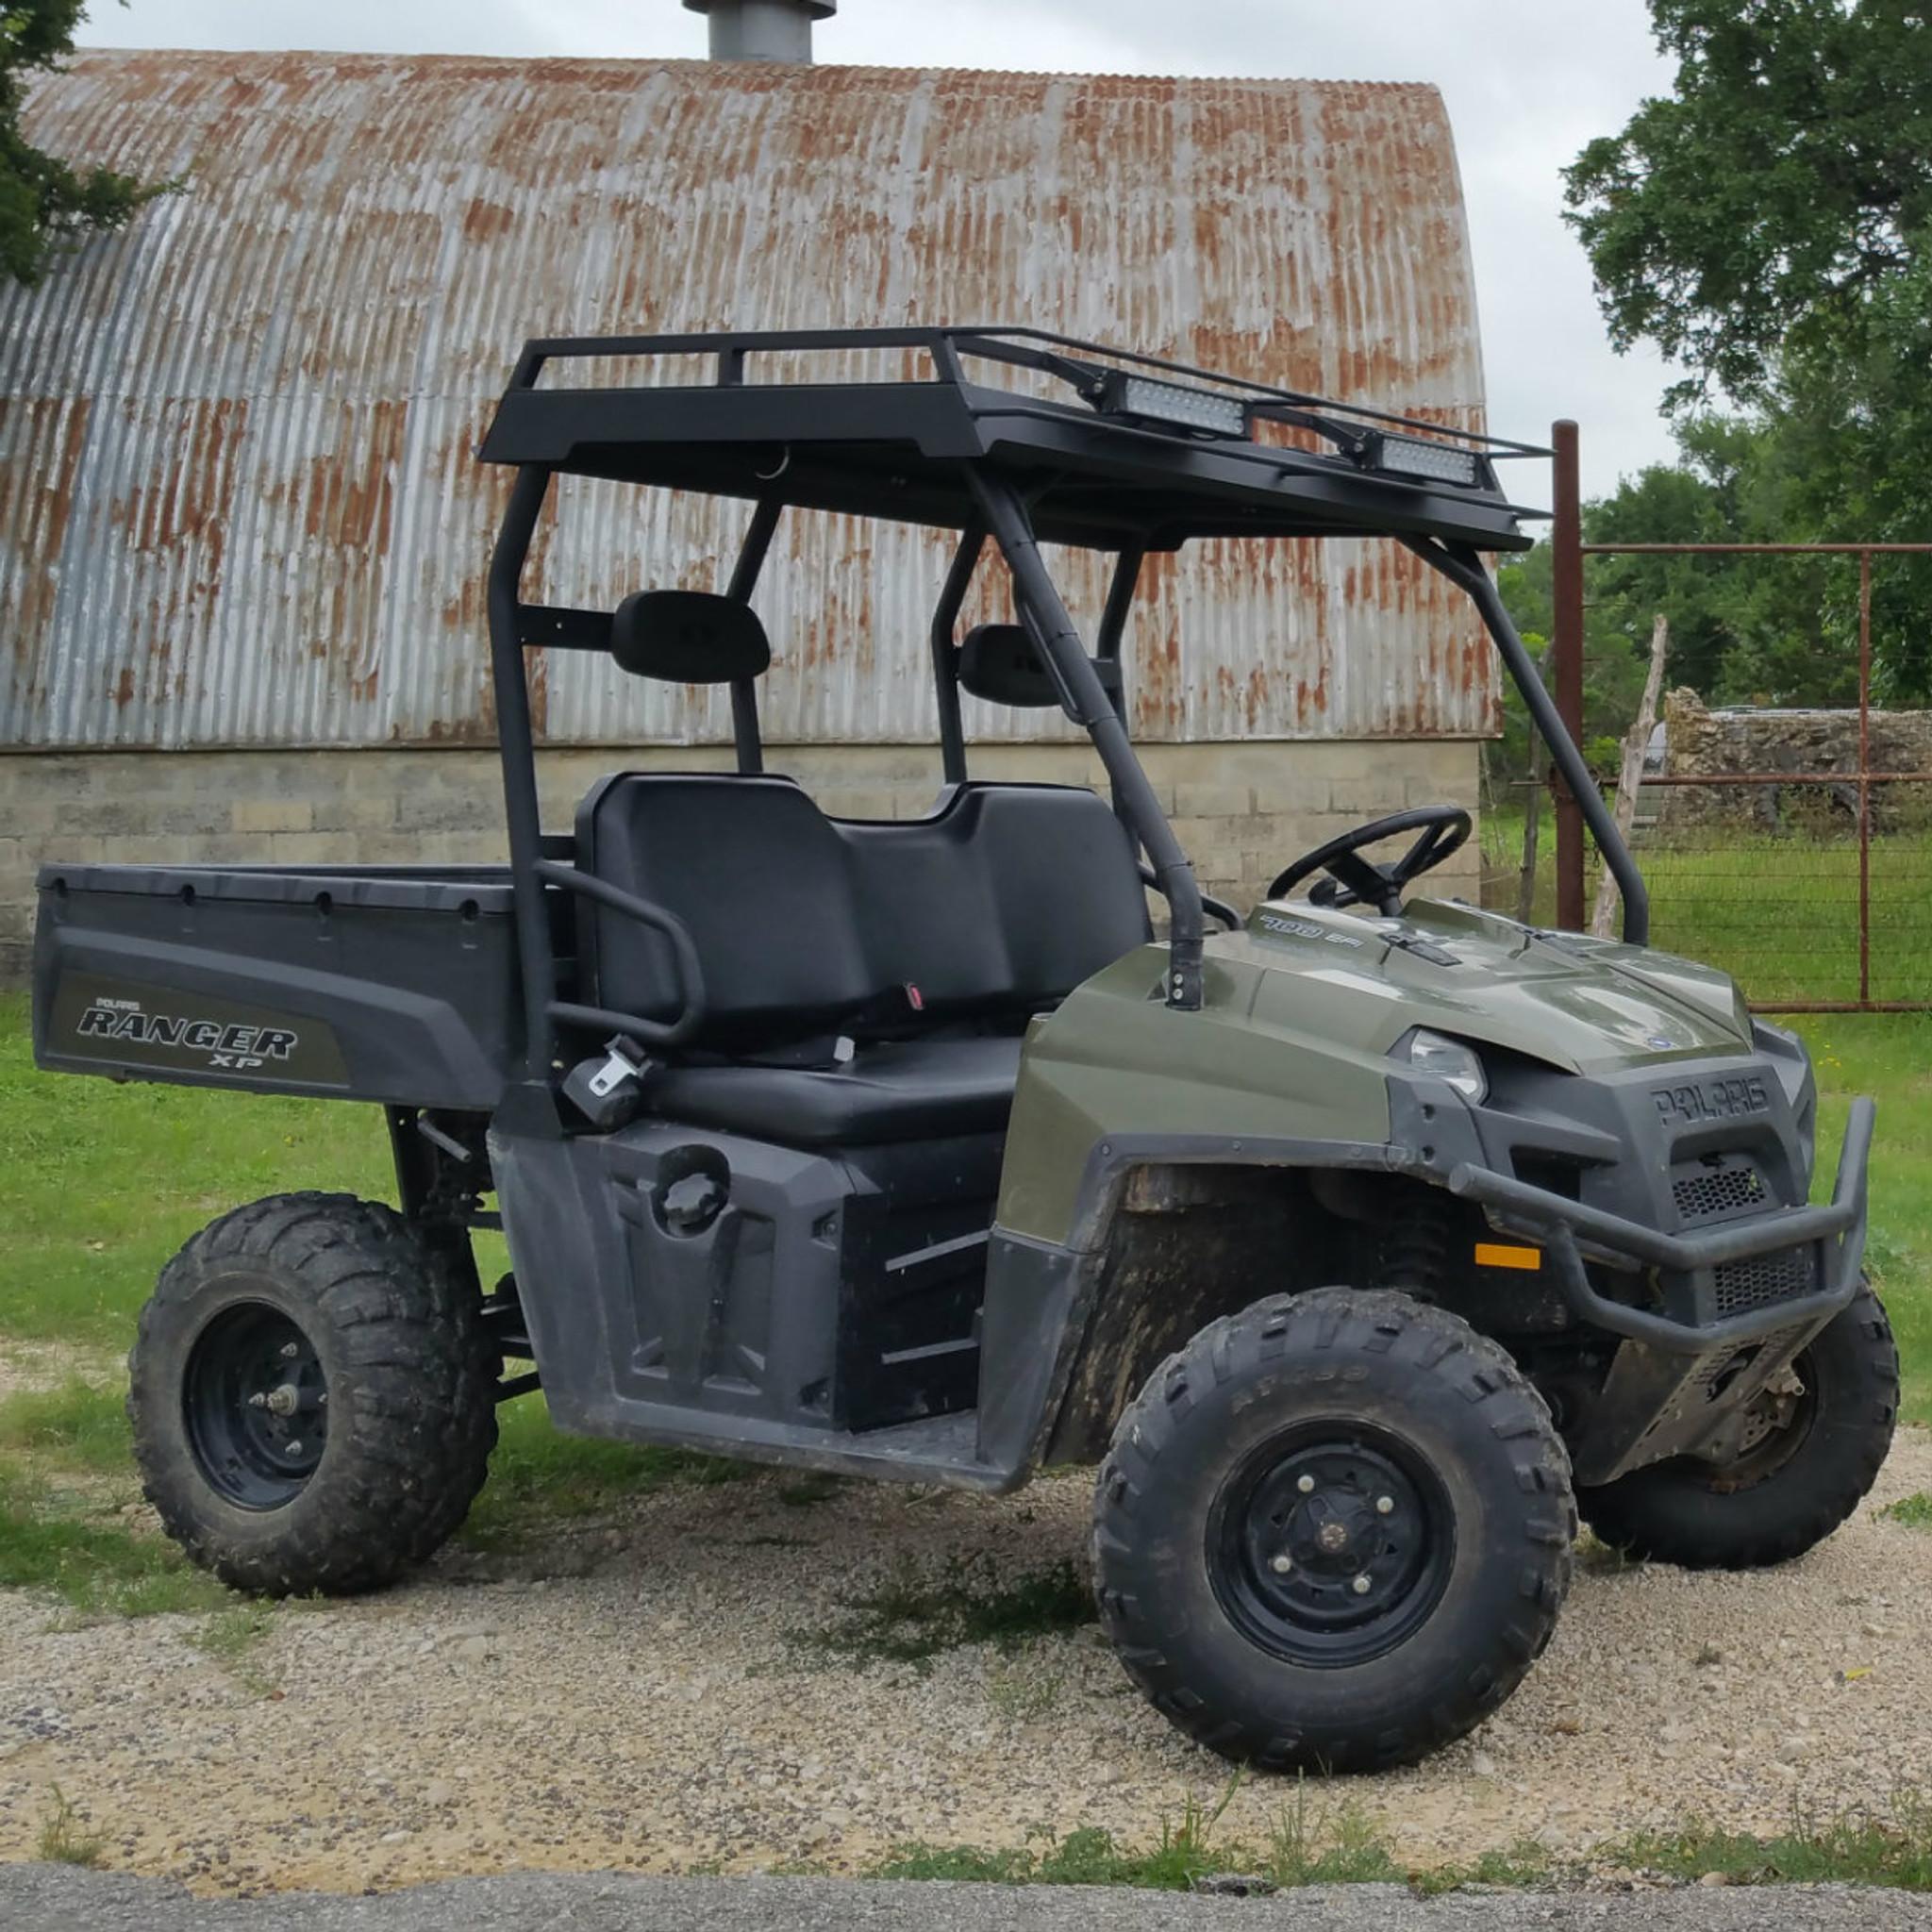 Polaris Ranger Full Size Single Cab Metal Roof Pipe Frame